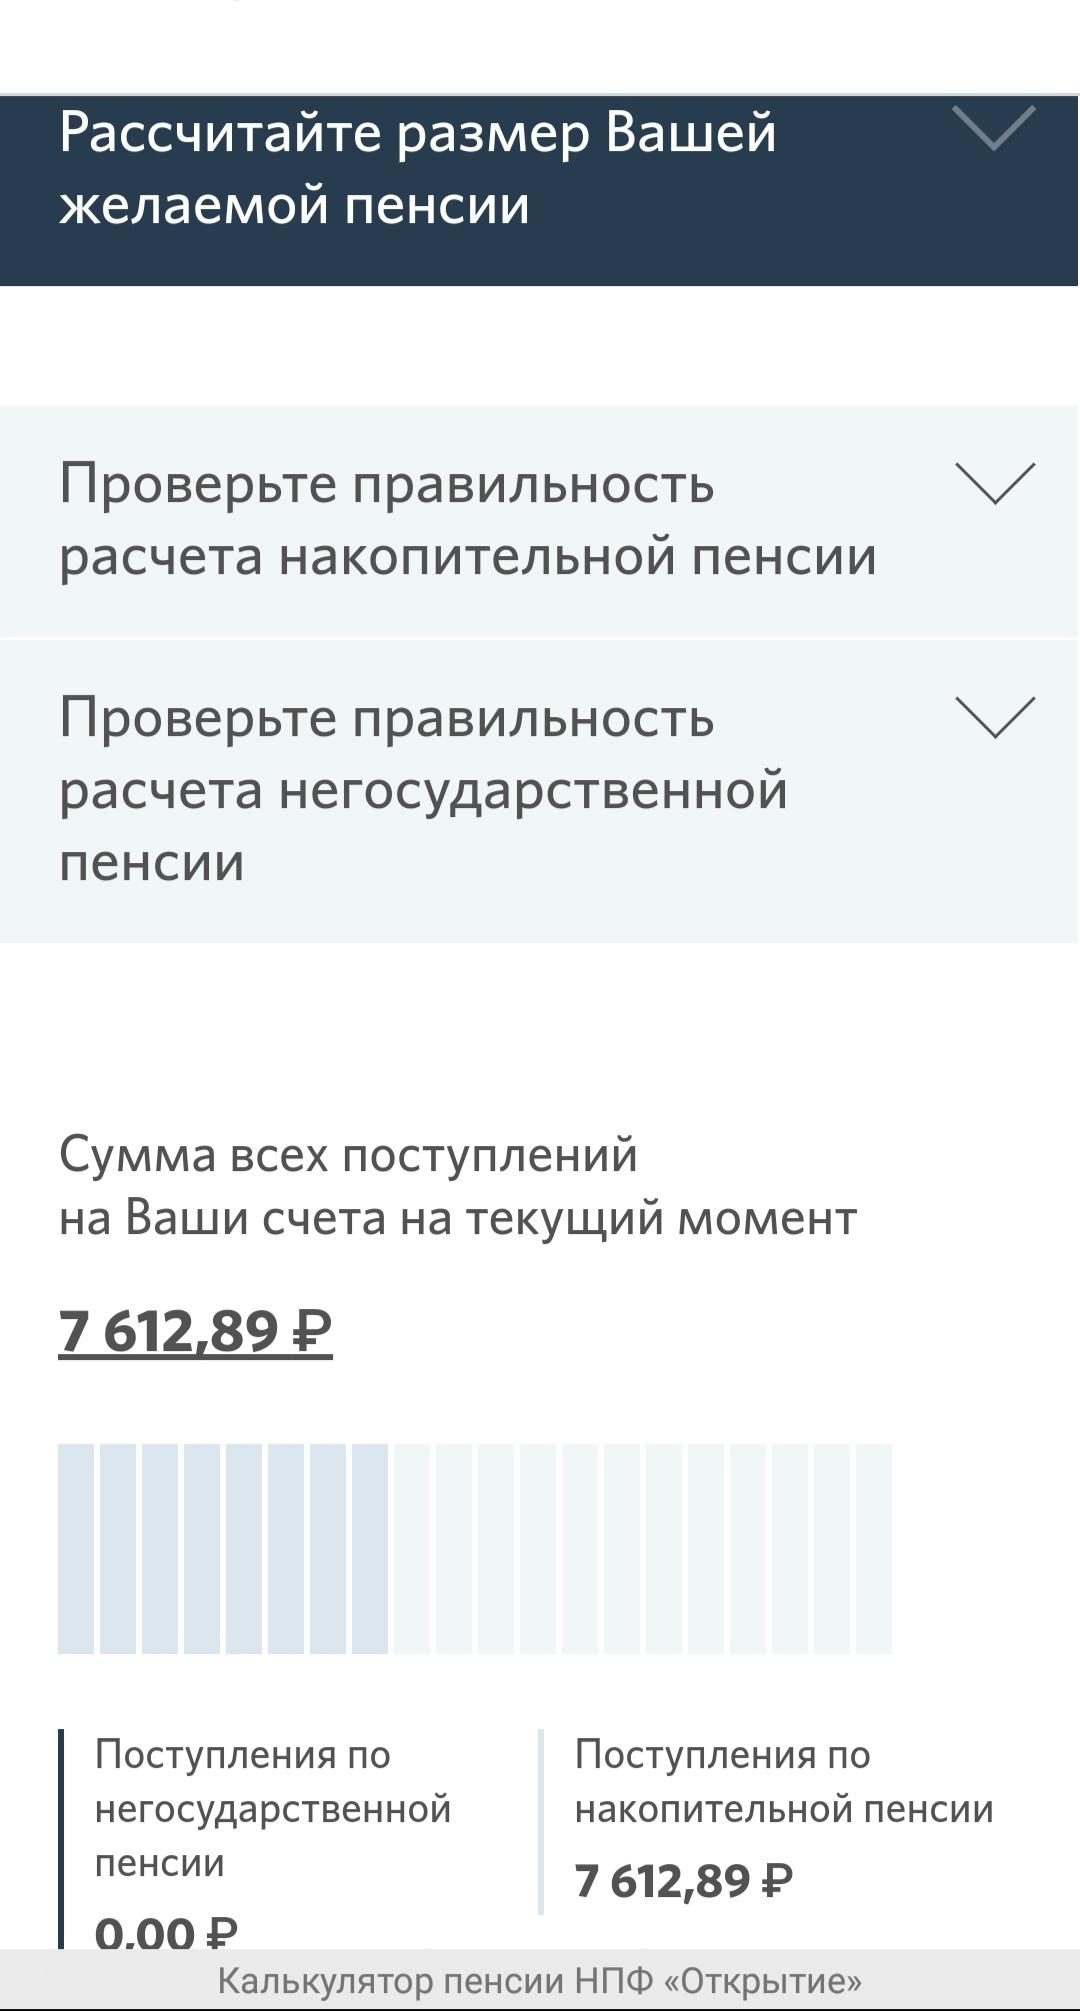 Как получить накопительную часть пенсии в росгосстрахе минимальная пенсия по старости в 2021 в ставропольском крае